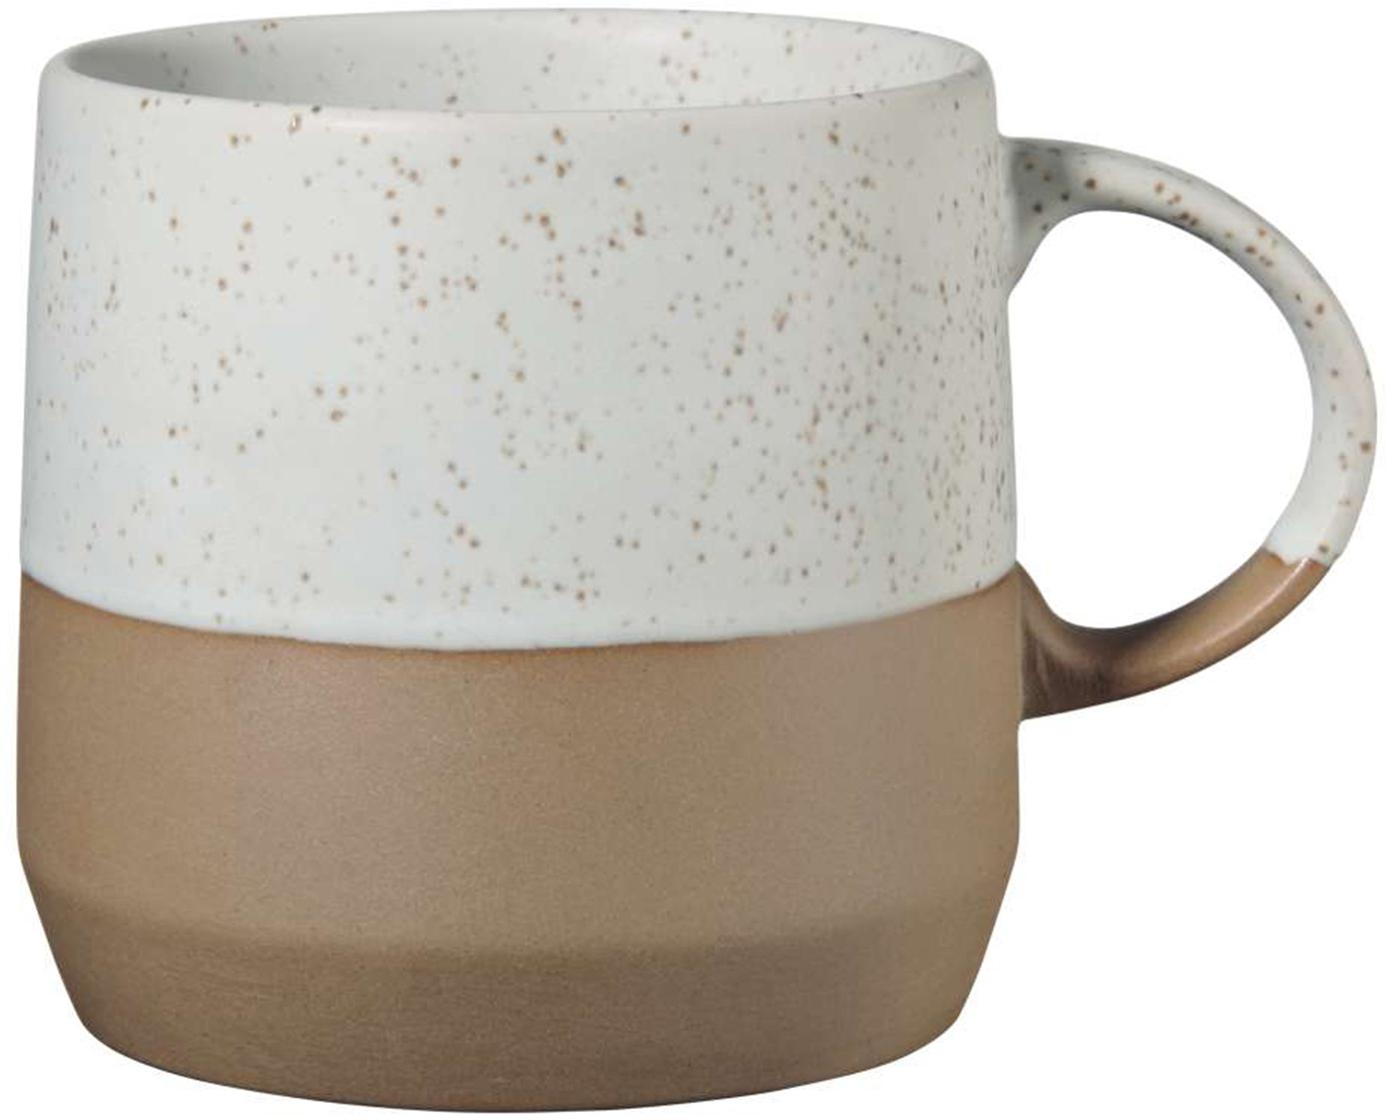 Tazza in tonalità marroni e beige Caja 2 pz, Argilla, Tonalità marroni e tonalità beige, Ø 9 x Alt. 9 cm